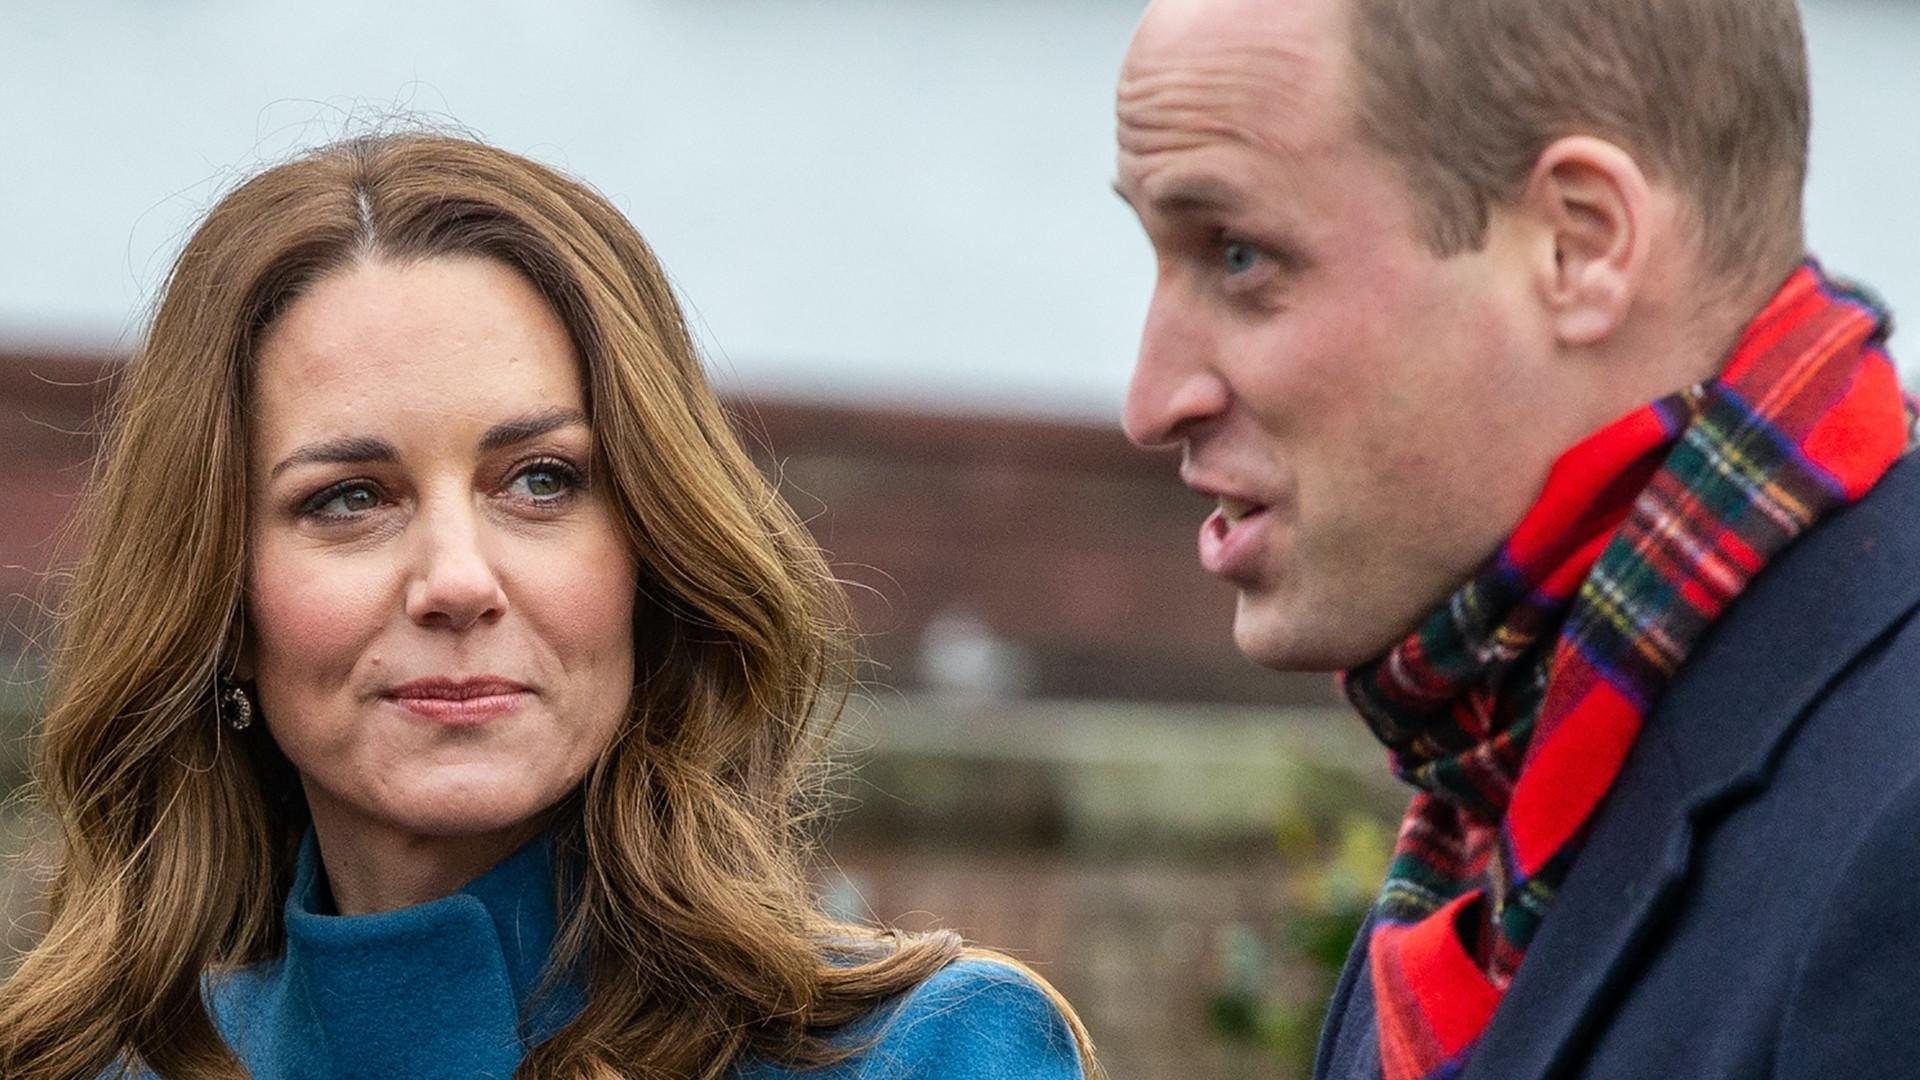 Pałac Kensington wydał OŚWIADCZENIE w sprawie Williama i Kate. Wyciekły e-maile